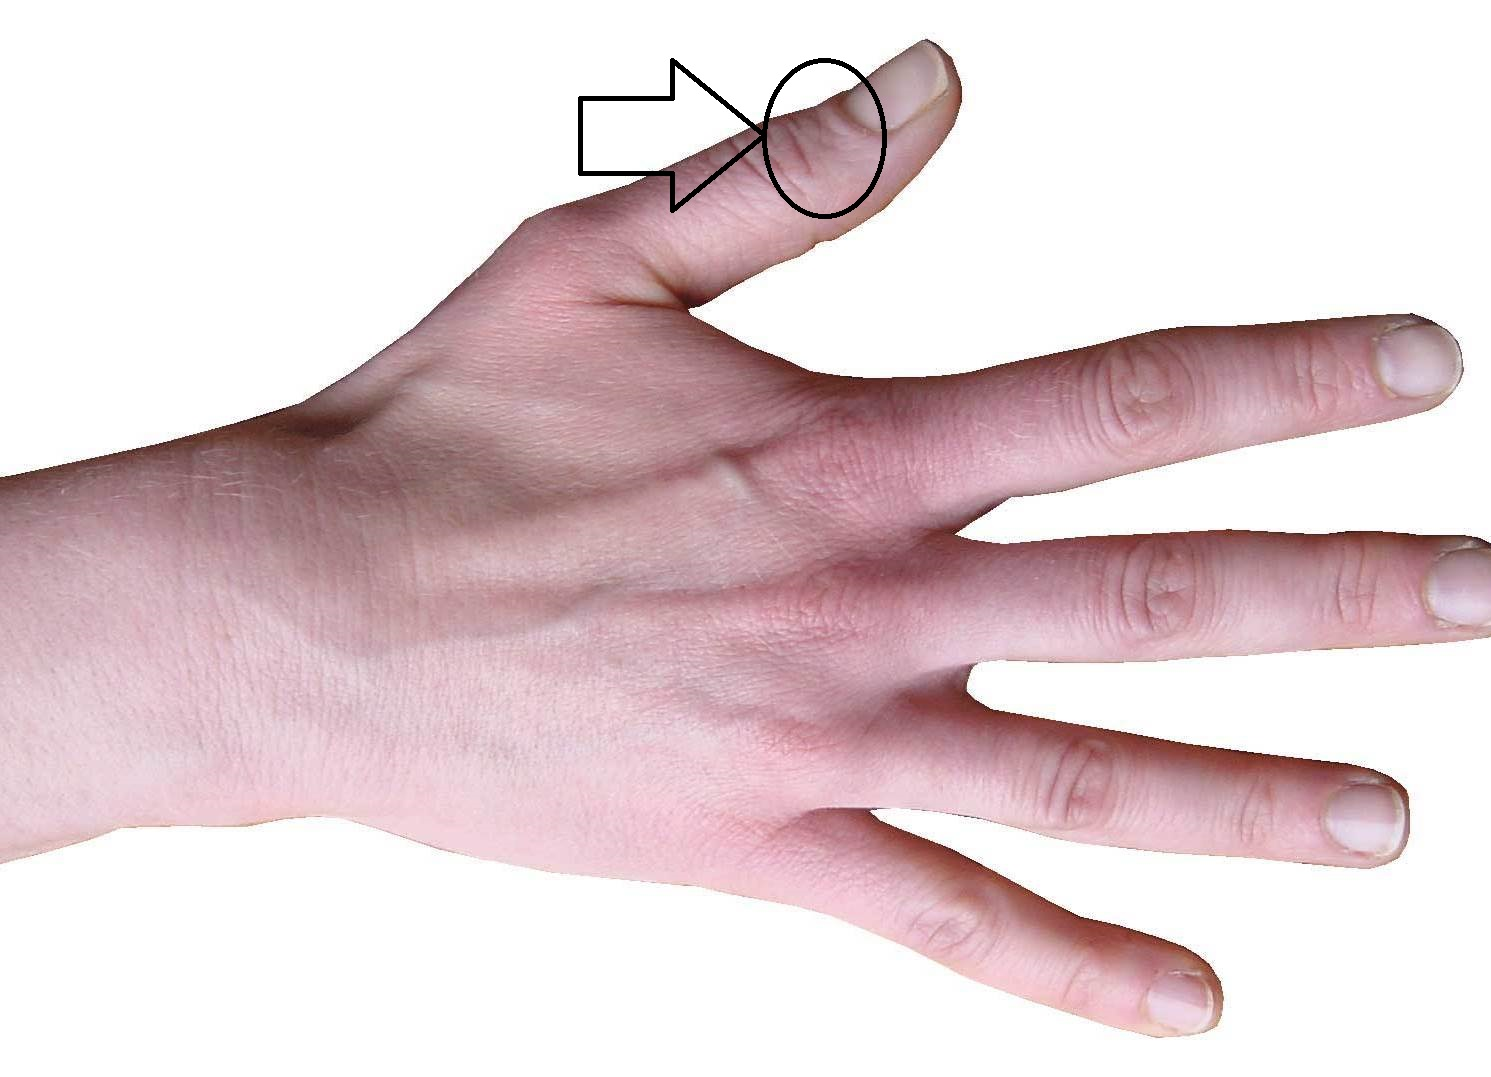 это смотреть картинки кисти рук культивирует